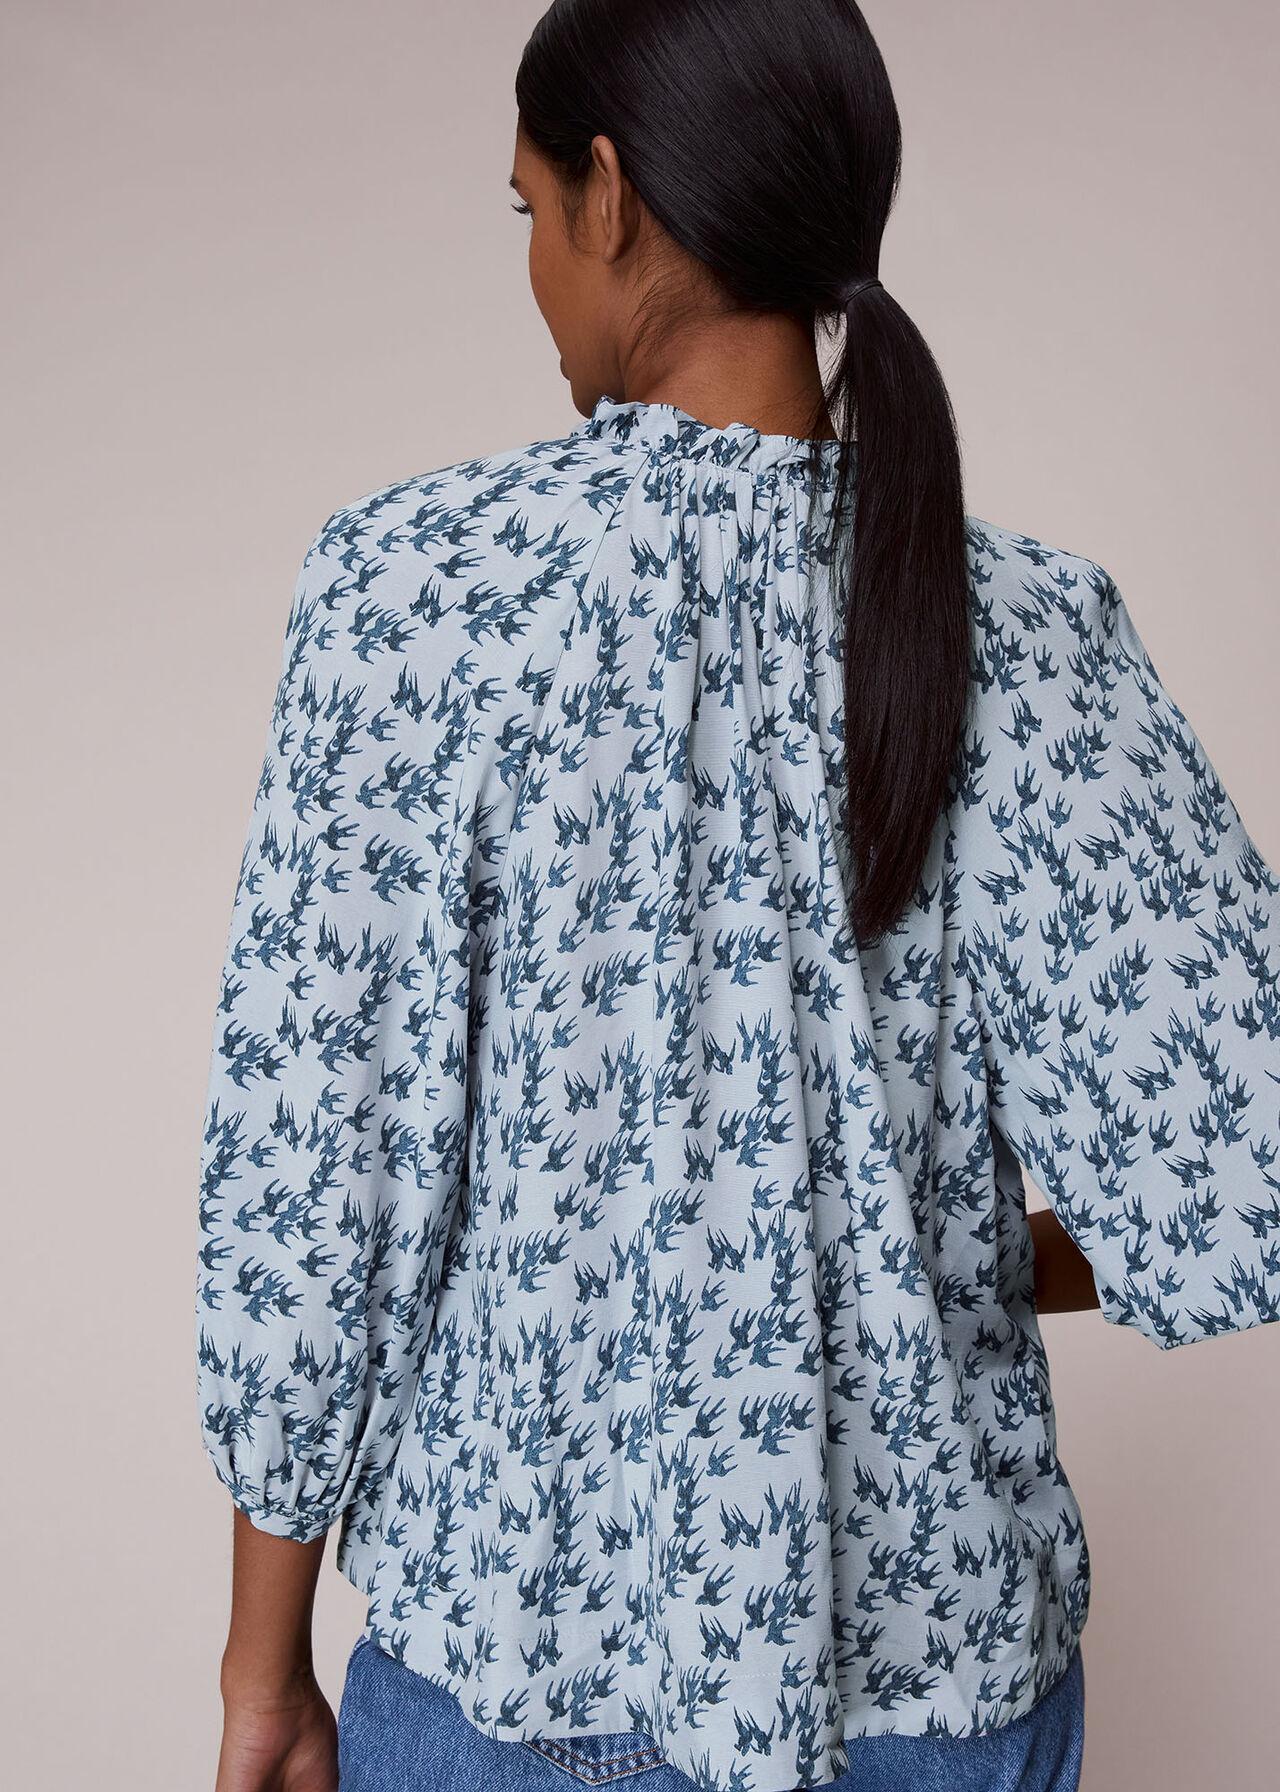 Beatrix Swallows Print Blouse